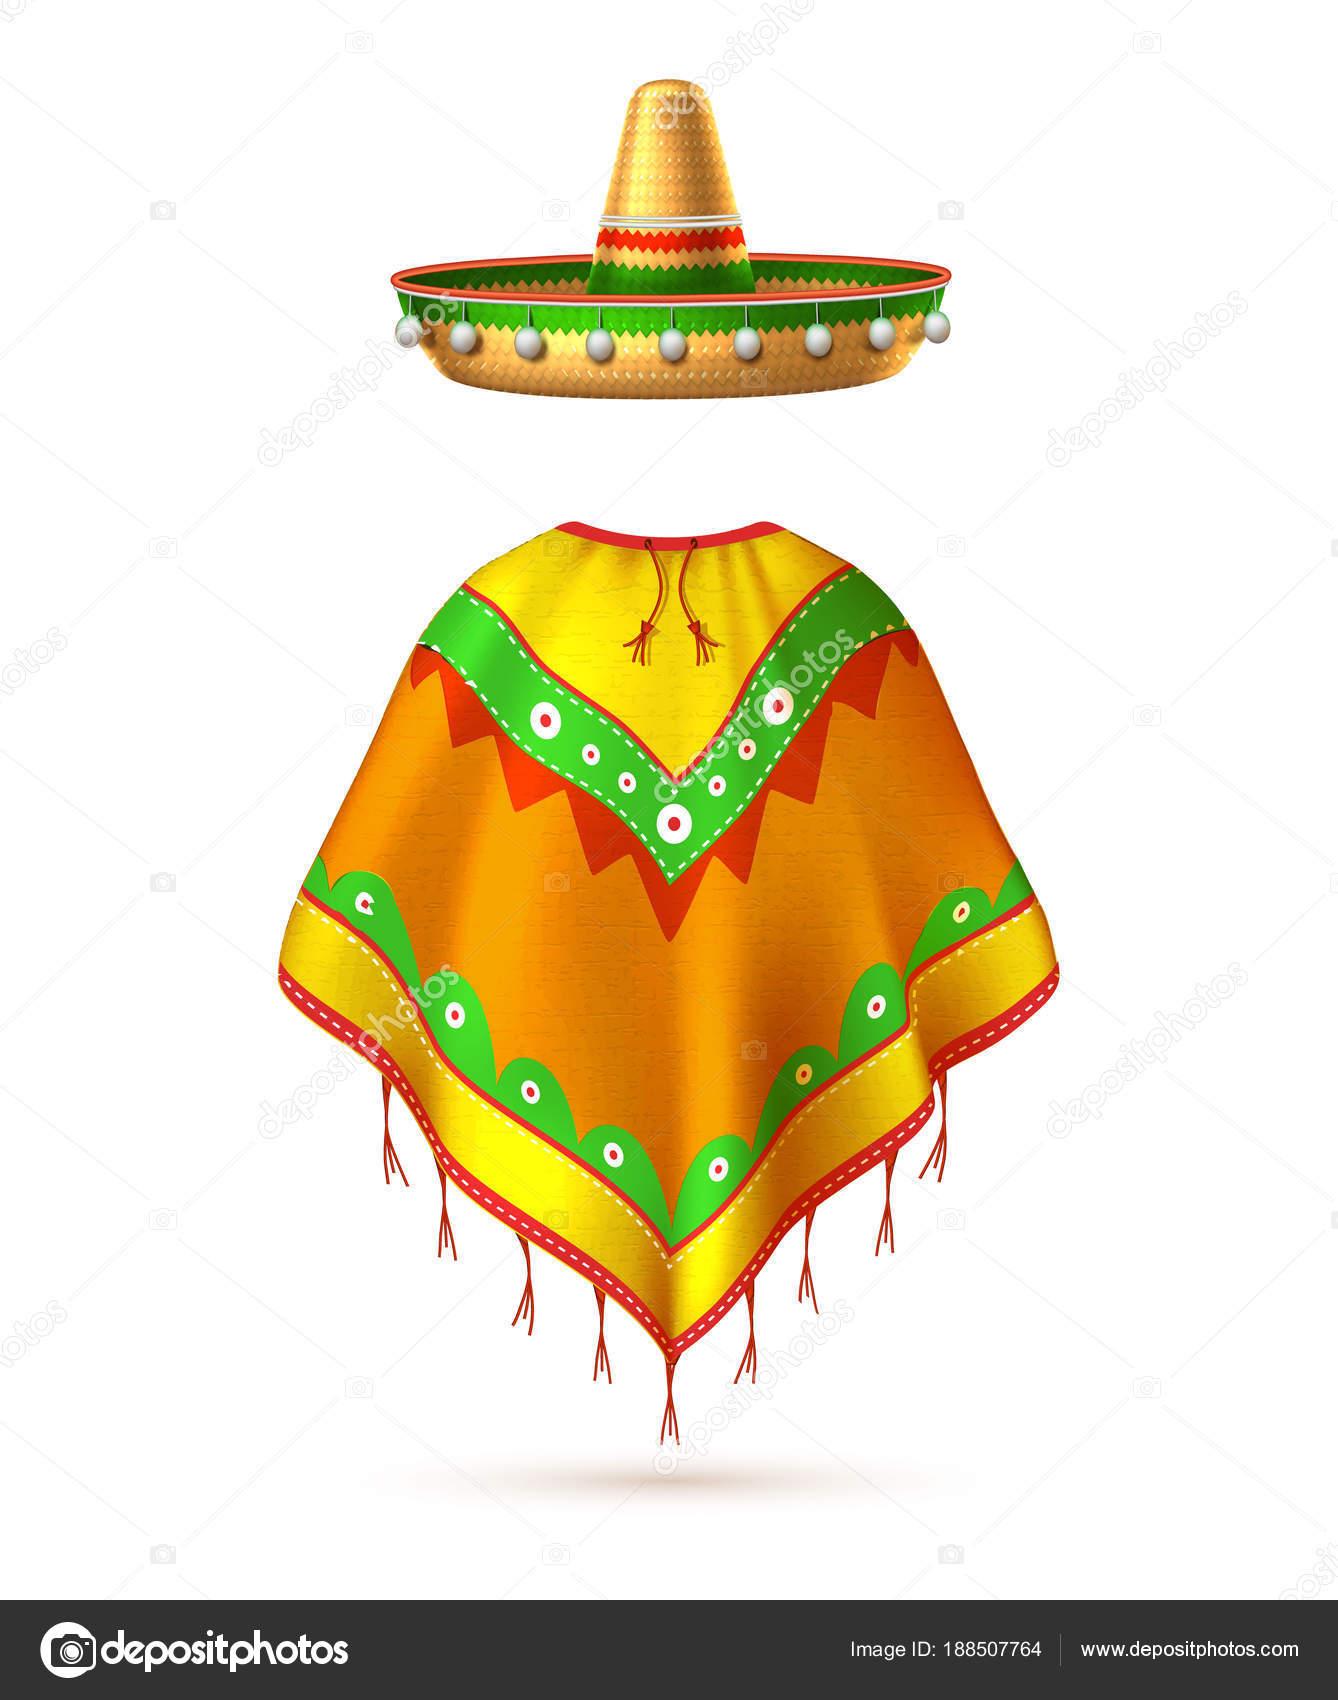 Sombrero realista mexicano sombrero y poncho hombre silueta. 3D cinco de mayo  festival fiesta mexicana tradicional celebración cartel elemento de diseño. d3c73ee866e